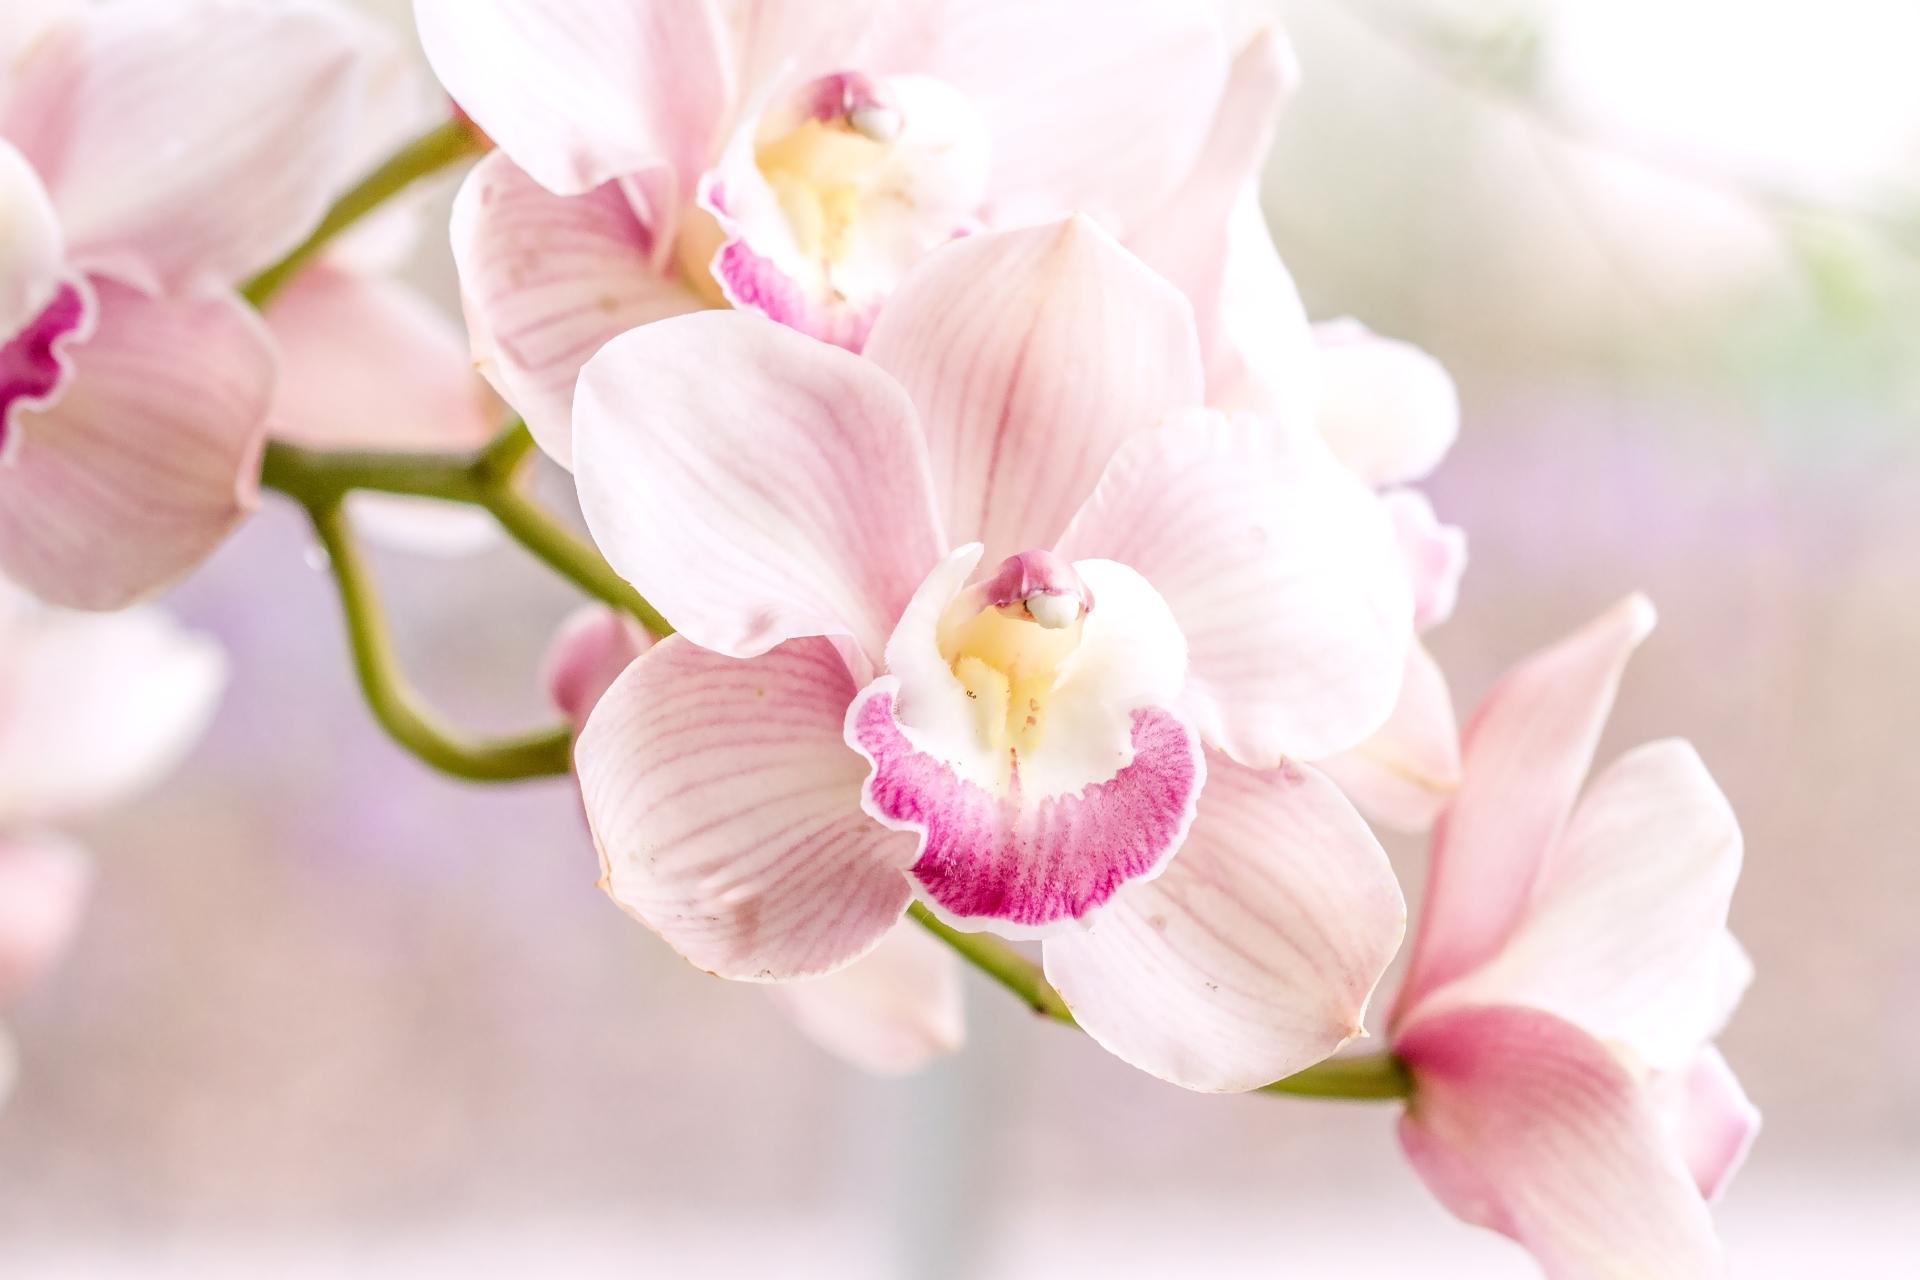 орхидея розовая картинки макушки которых находятся